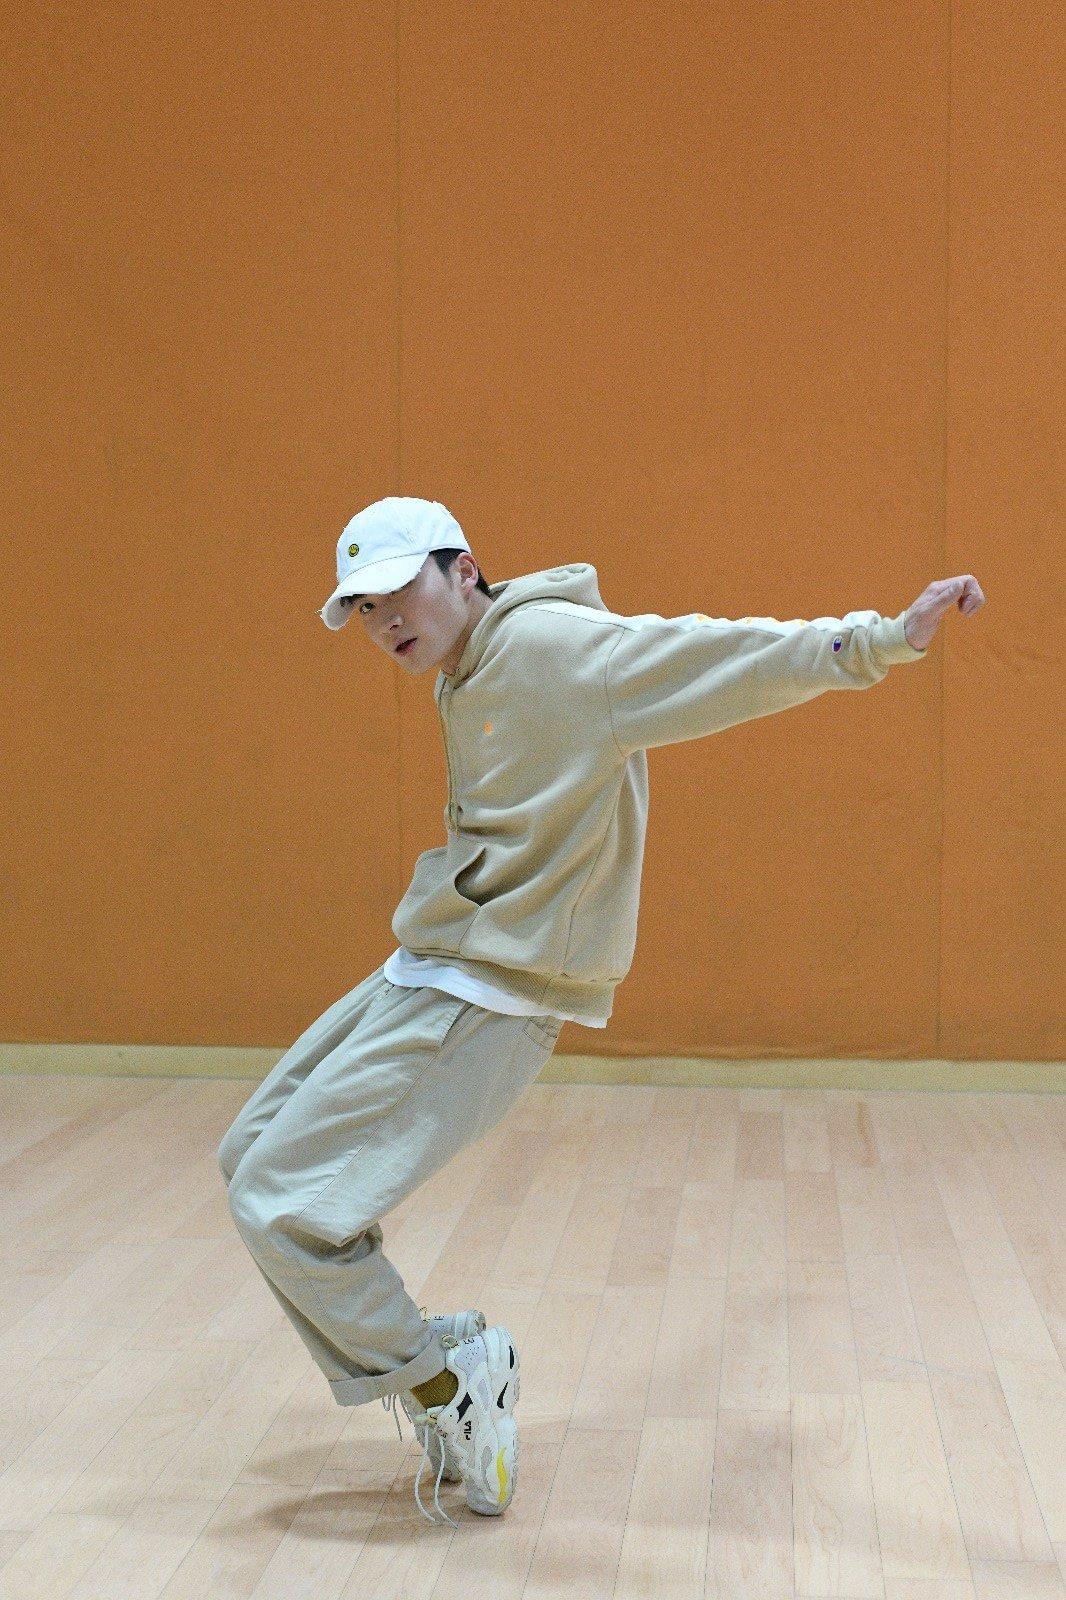 周嘉洛從小鍾情跳機械舞,覺得每個動作都很有型,受訪時,他跳得隨意隨心,雙腳會利用腳側或腳尖支撐,雙手則隨音樂擺動。